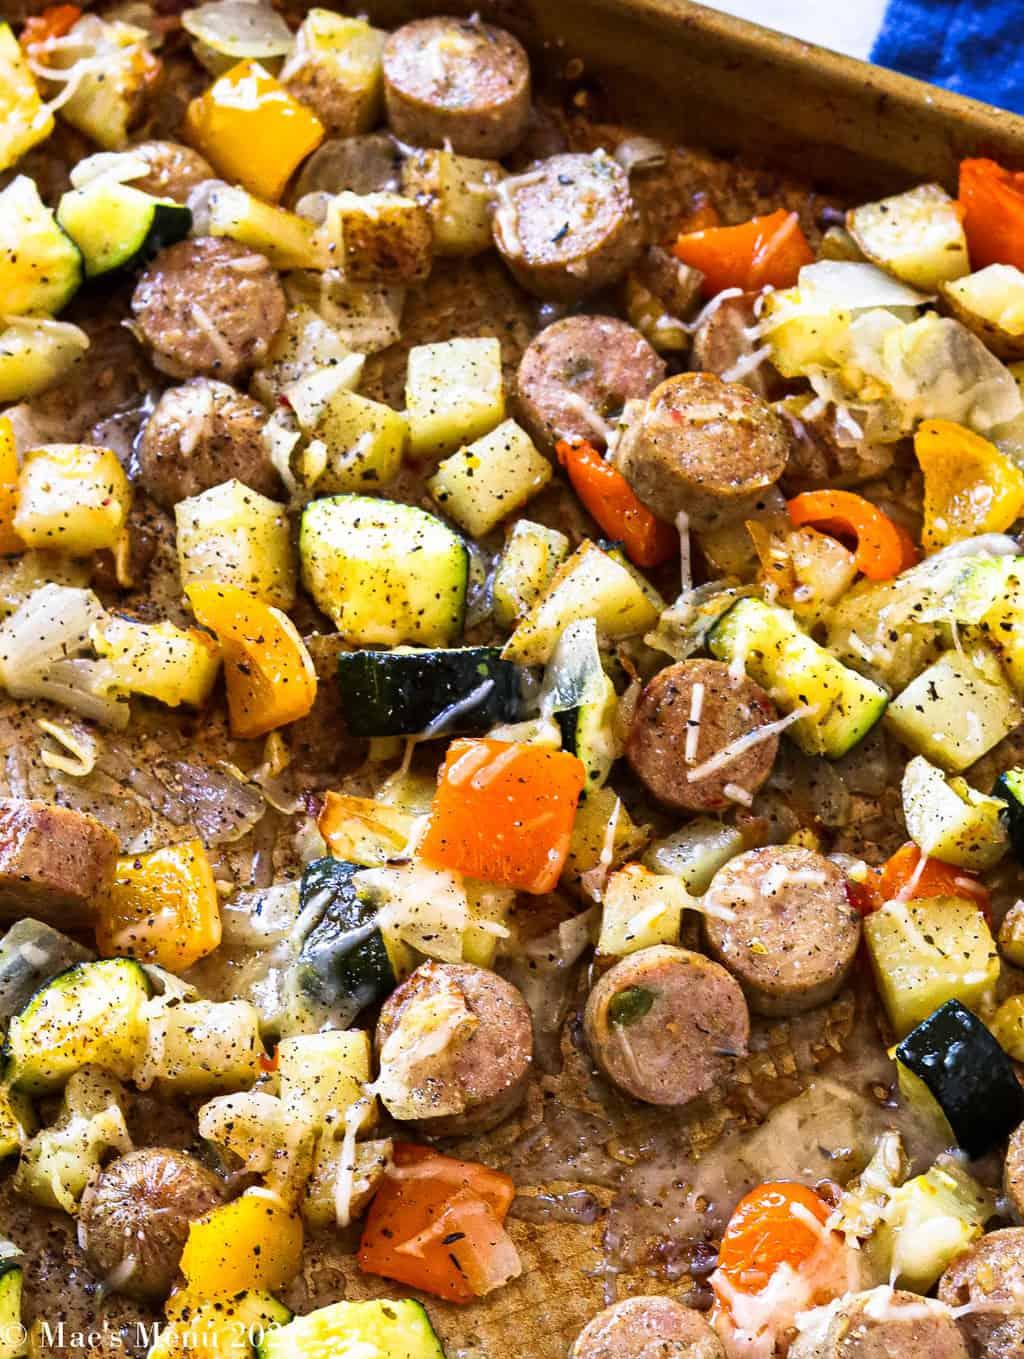 An up-close shot of the sheet pan sausage and veggies